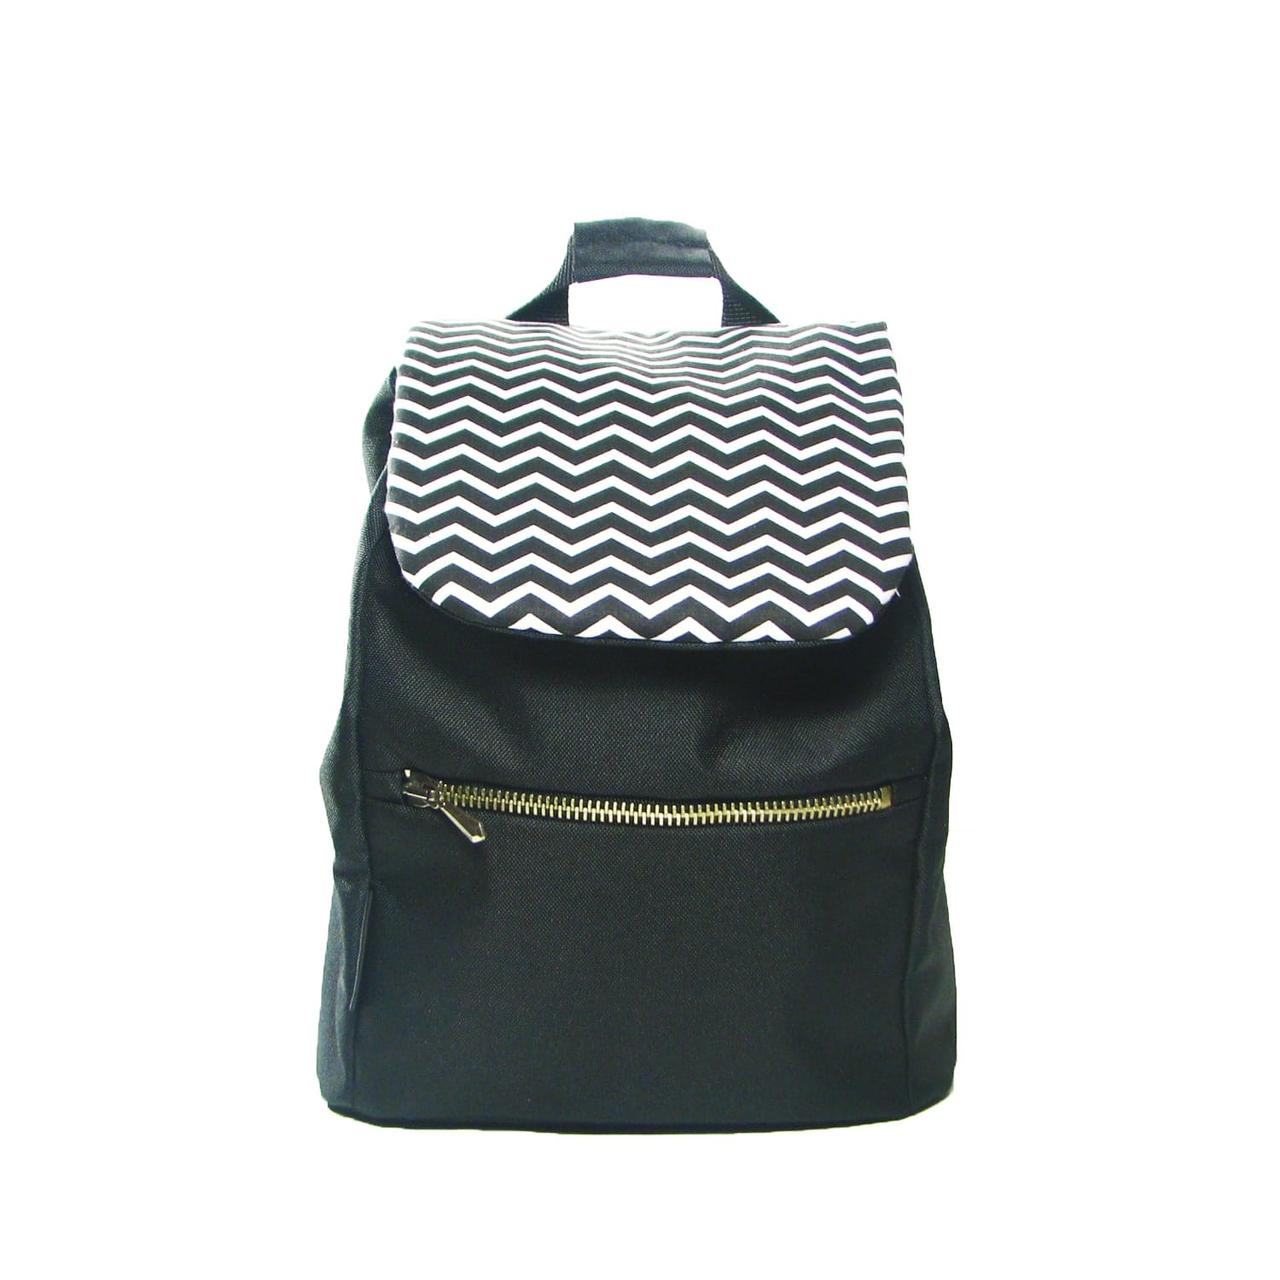 Рюкзак кожаный Twins с зигзагами детский черный